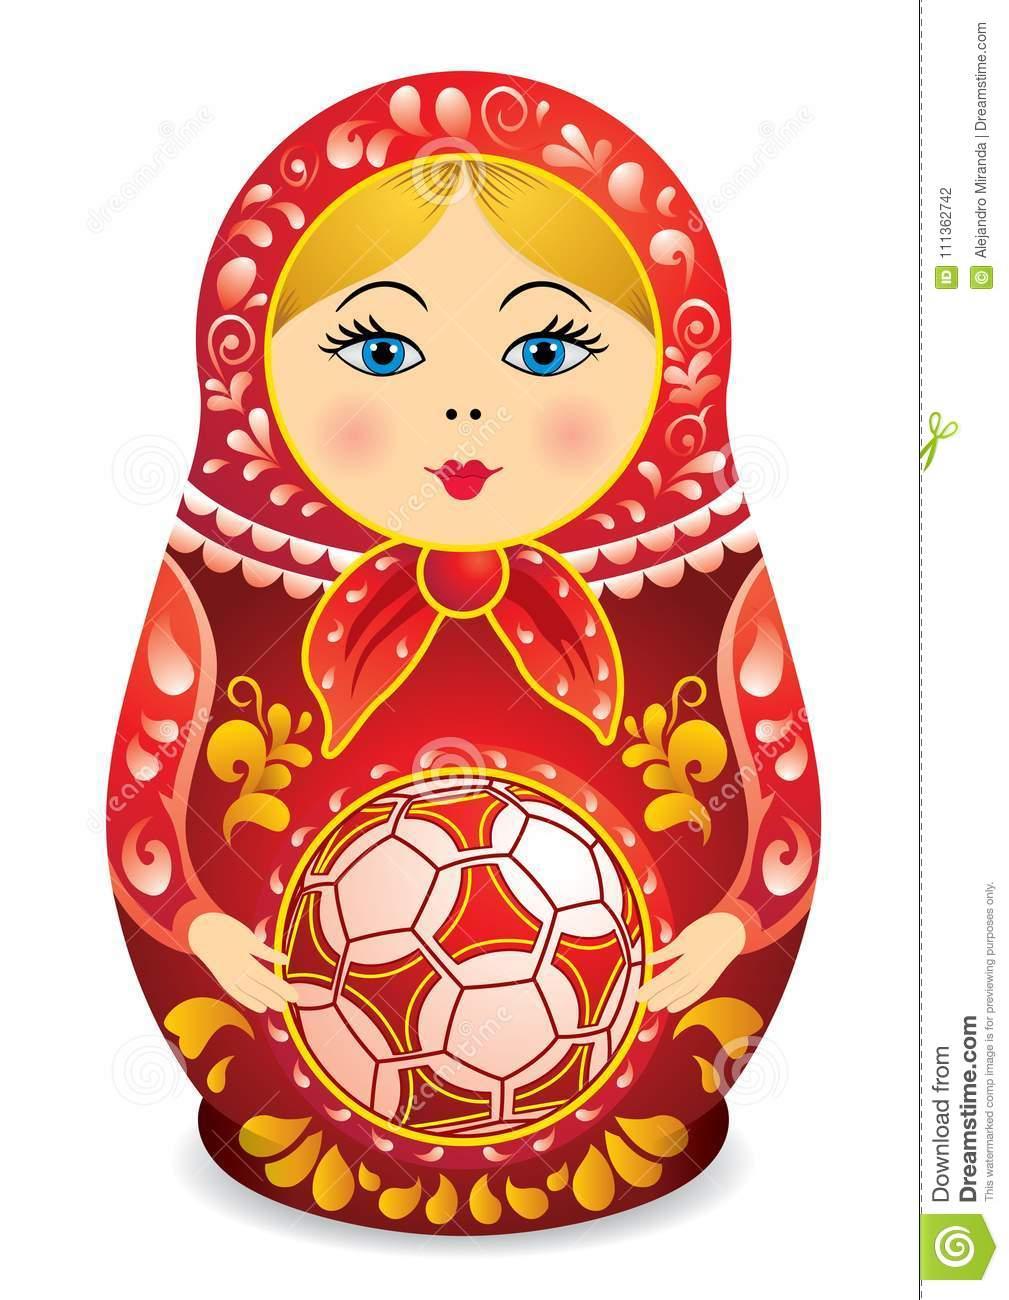 Dessin D'un Matryoshka Dans La Participation Rouge Et Jaune destiné Nom Poupée Russe